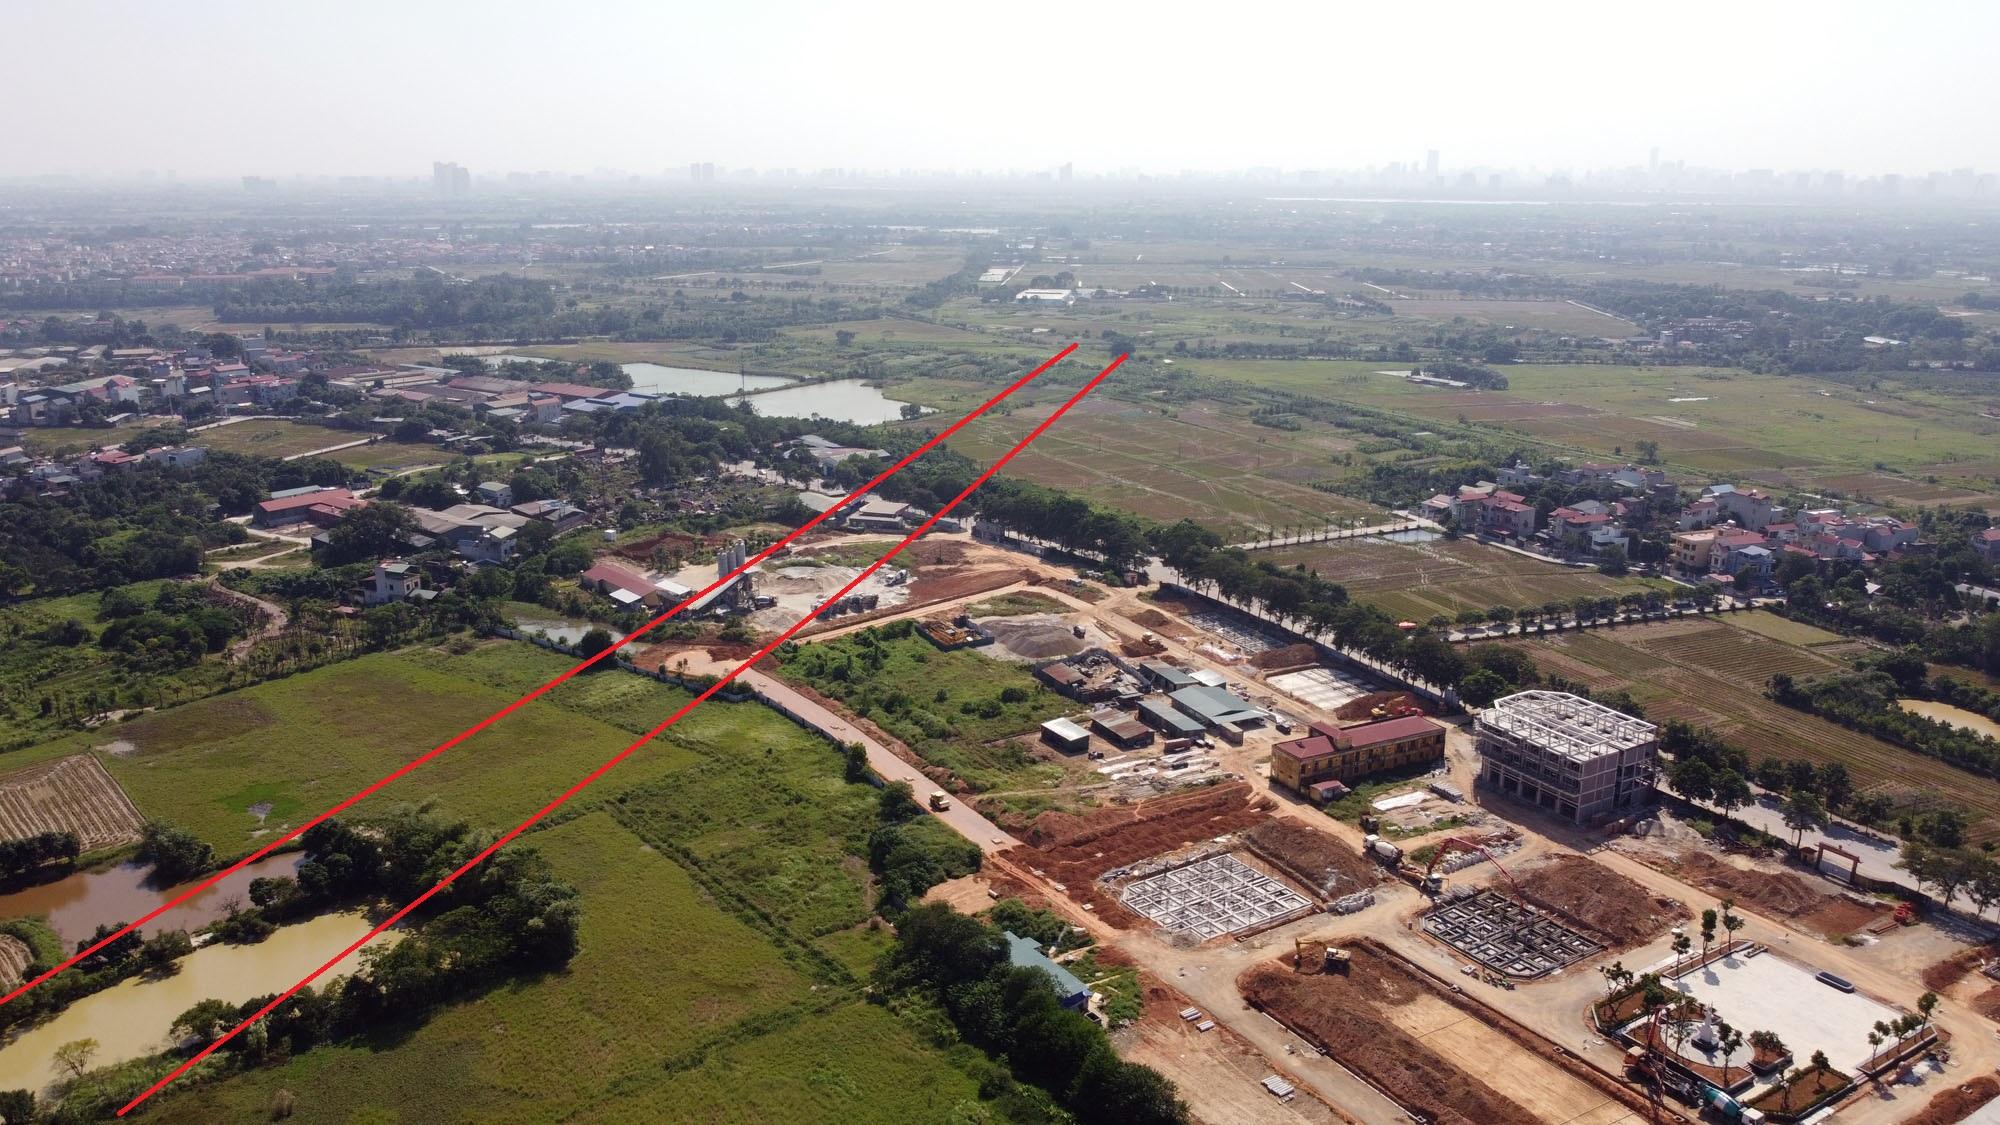 đường sẽ mở theo qui hoạch ở xã Uy Nỗ, Đông Anh, Hà Nội - Ảnh 8.